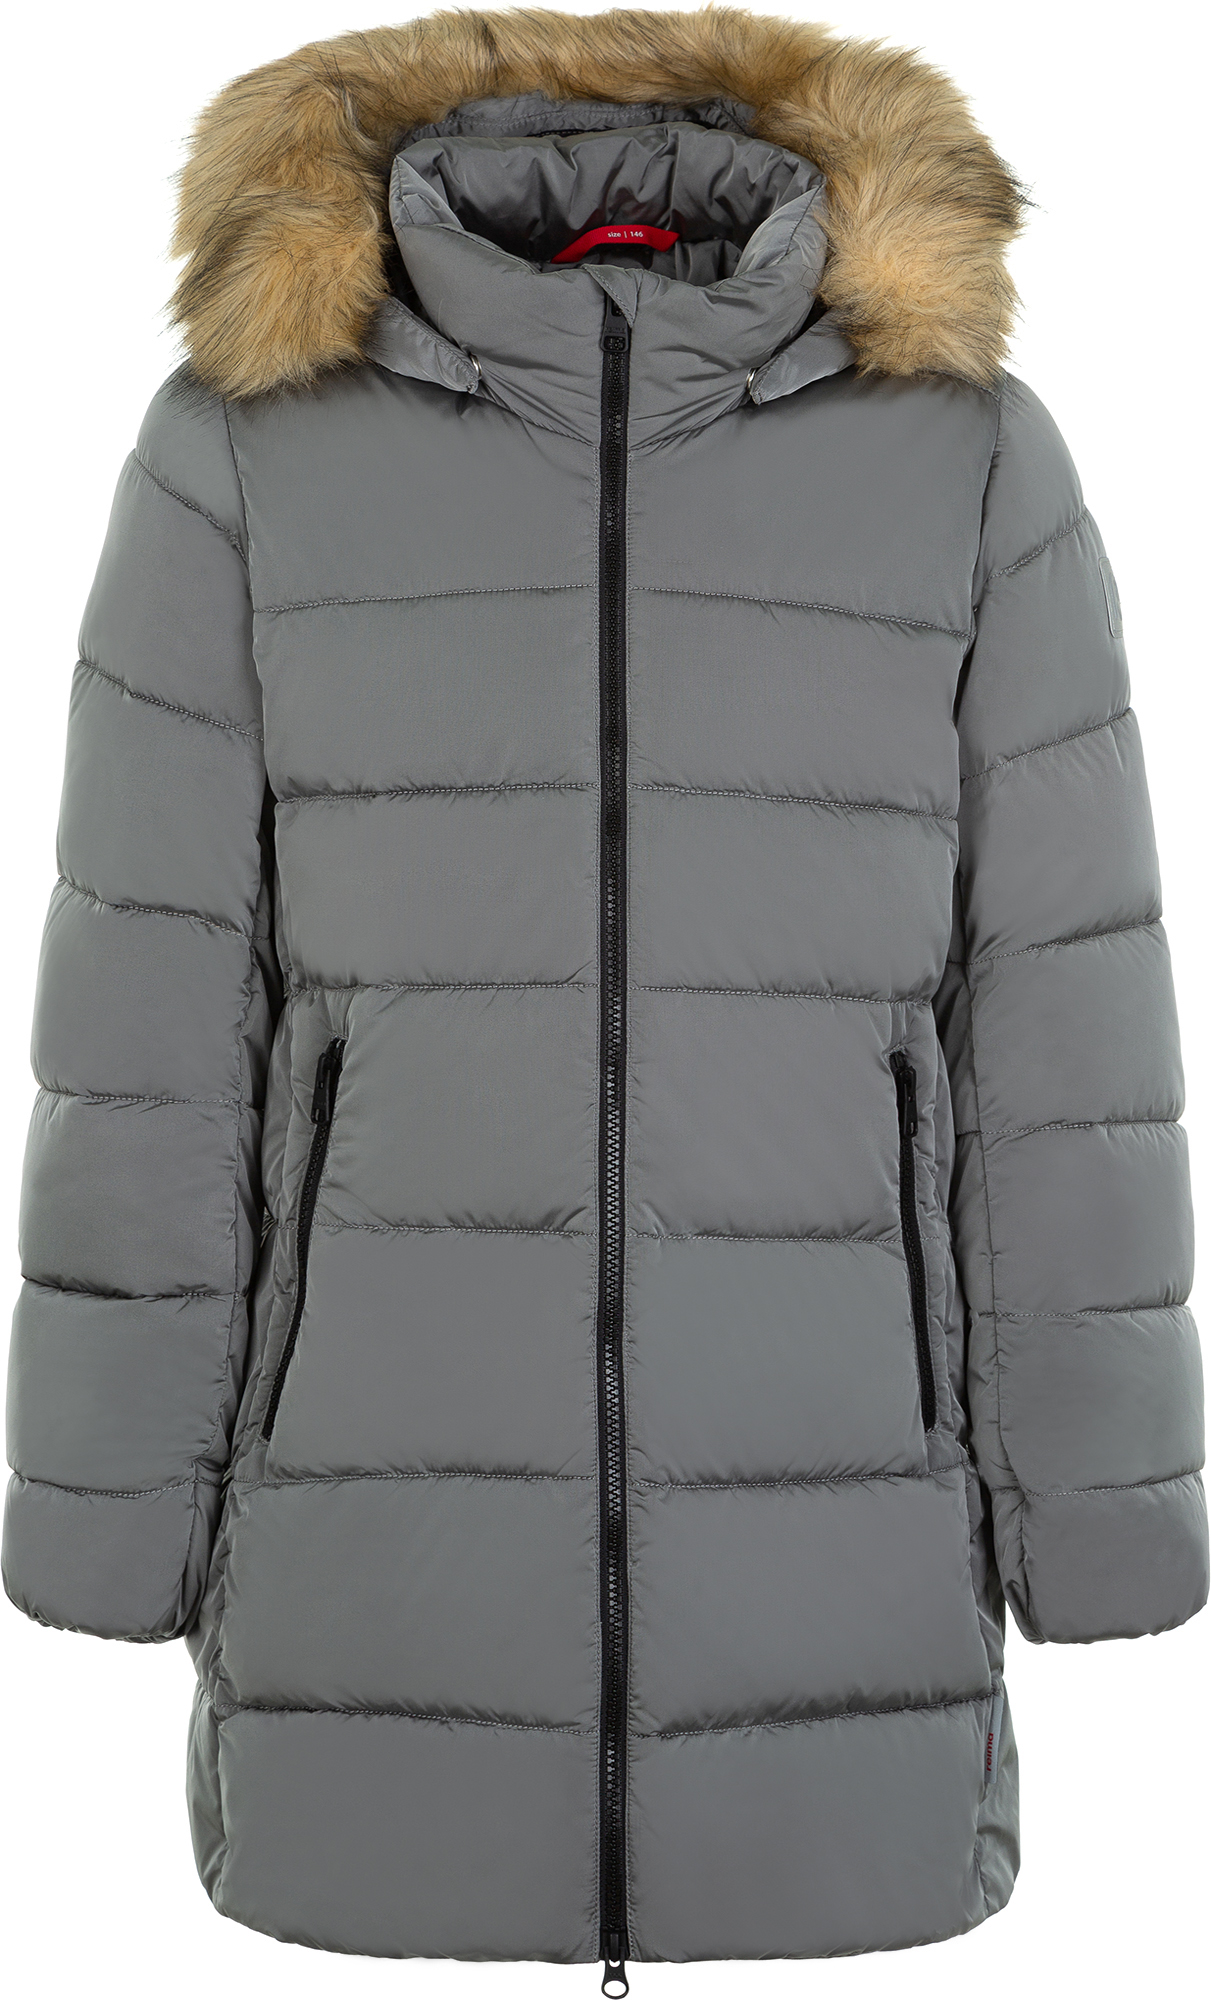 Reima Куртка утепленная для девочек Reima, размер 134 reima толстовка для девочек reima haiko размер 146